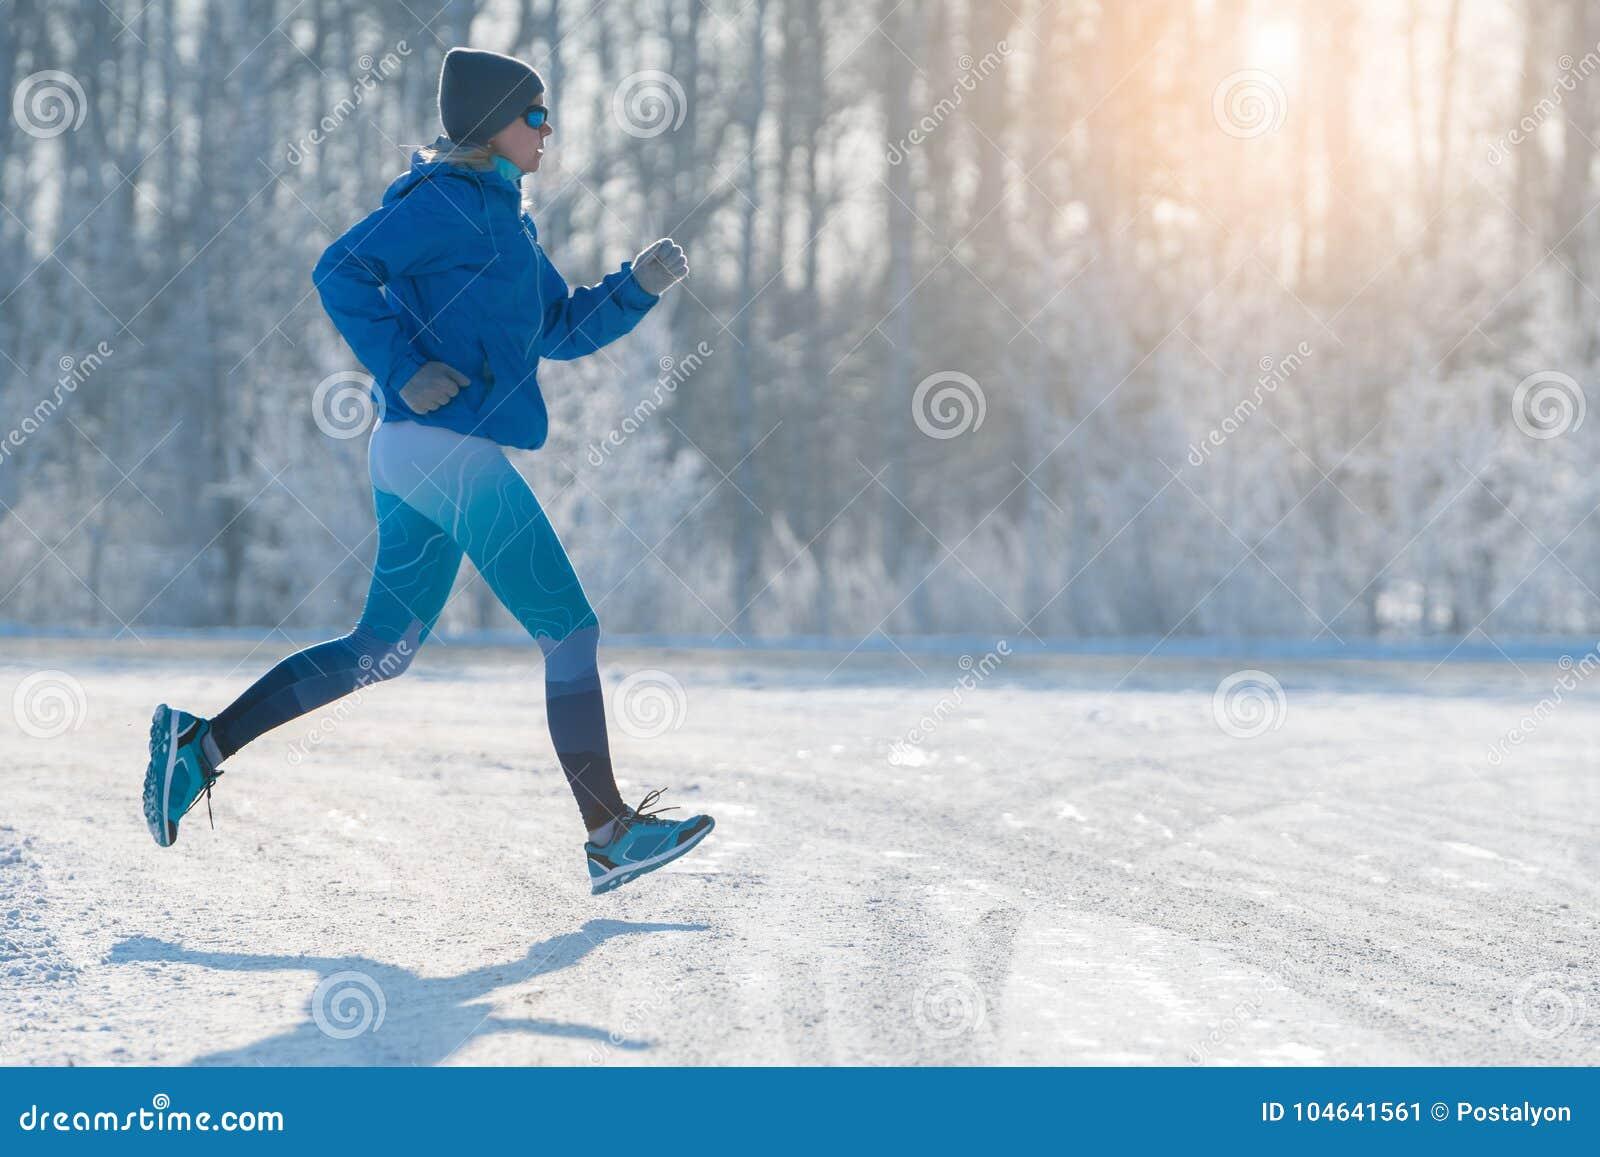 Download De Winterjogging - De Winter Die In Sneeuw Lopen Een Gezonde Levensstijl Stock Afbeelding - Afbeelding bestaande uit opleiding, outdoors: 104641561